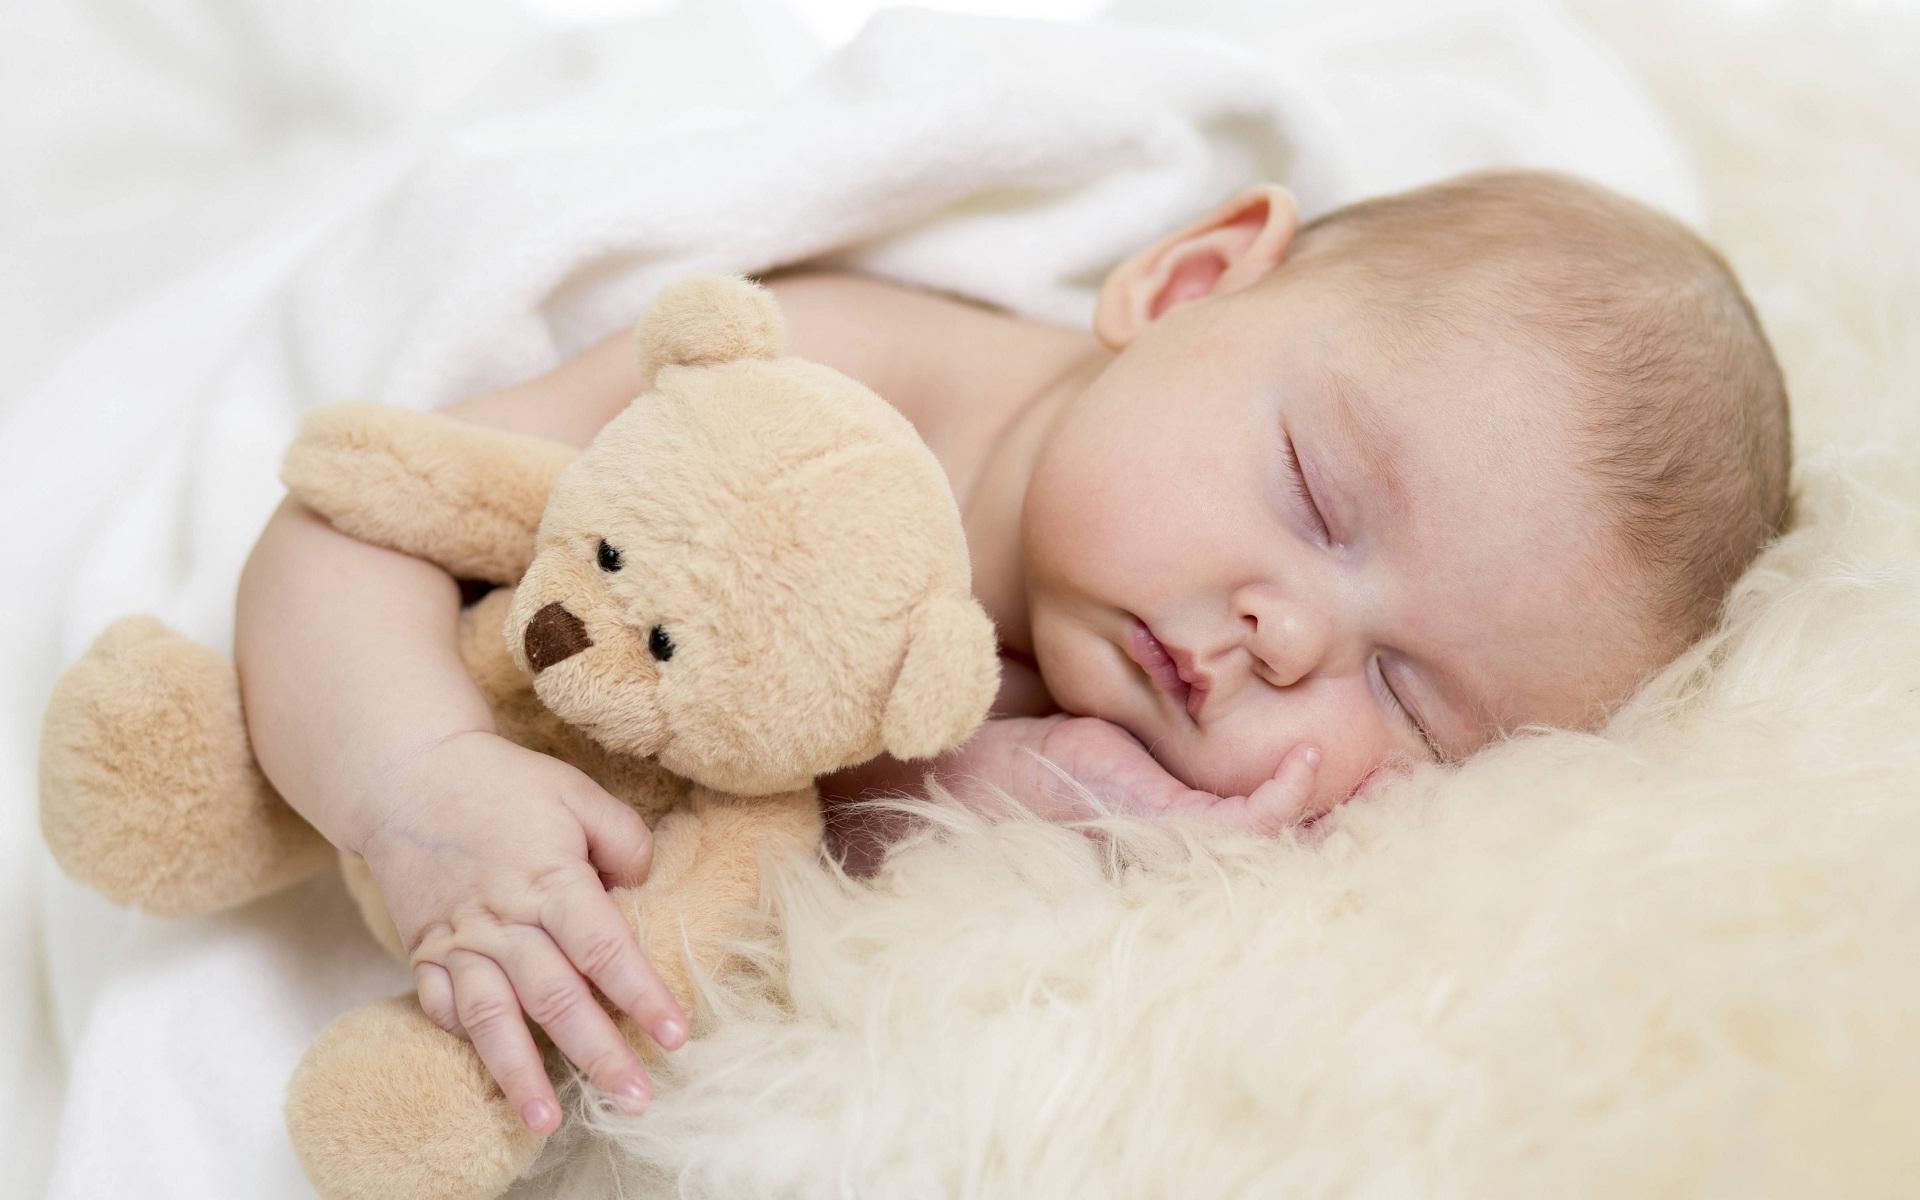 صورة 4 خطوات بسيطة تفعلها لنوم أكثر راحة